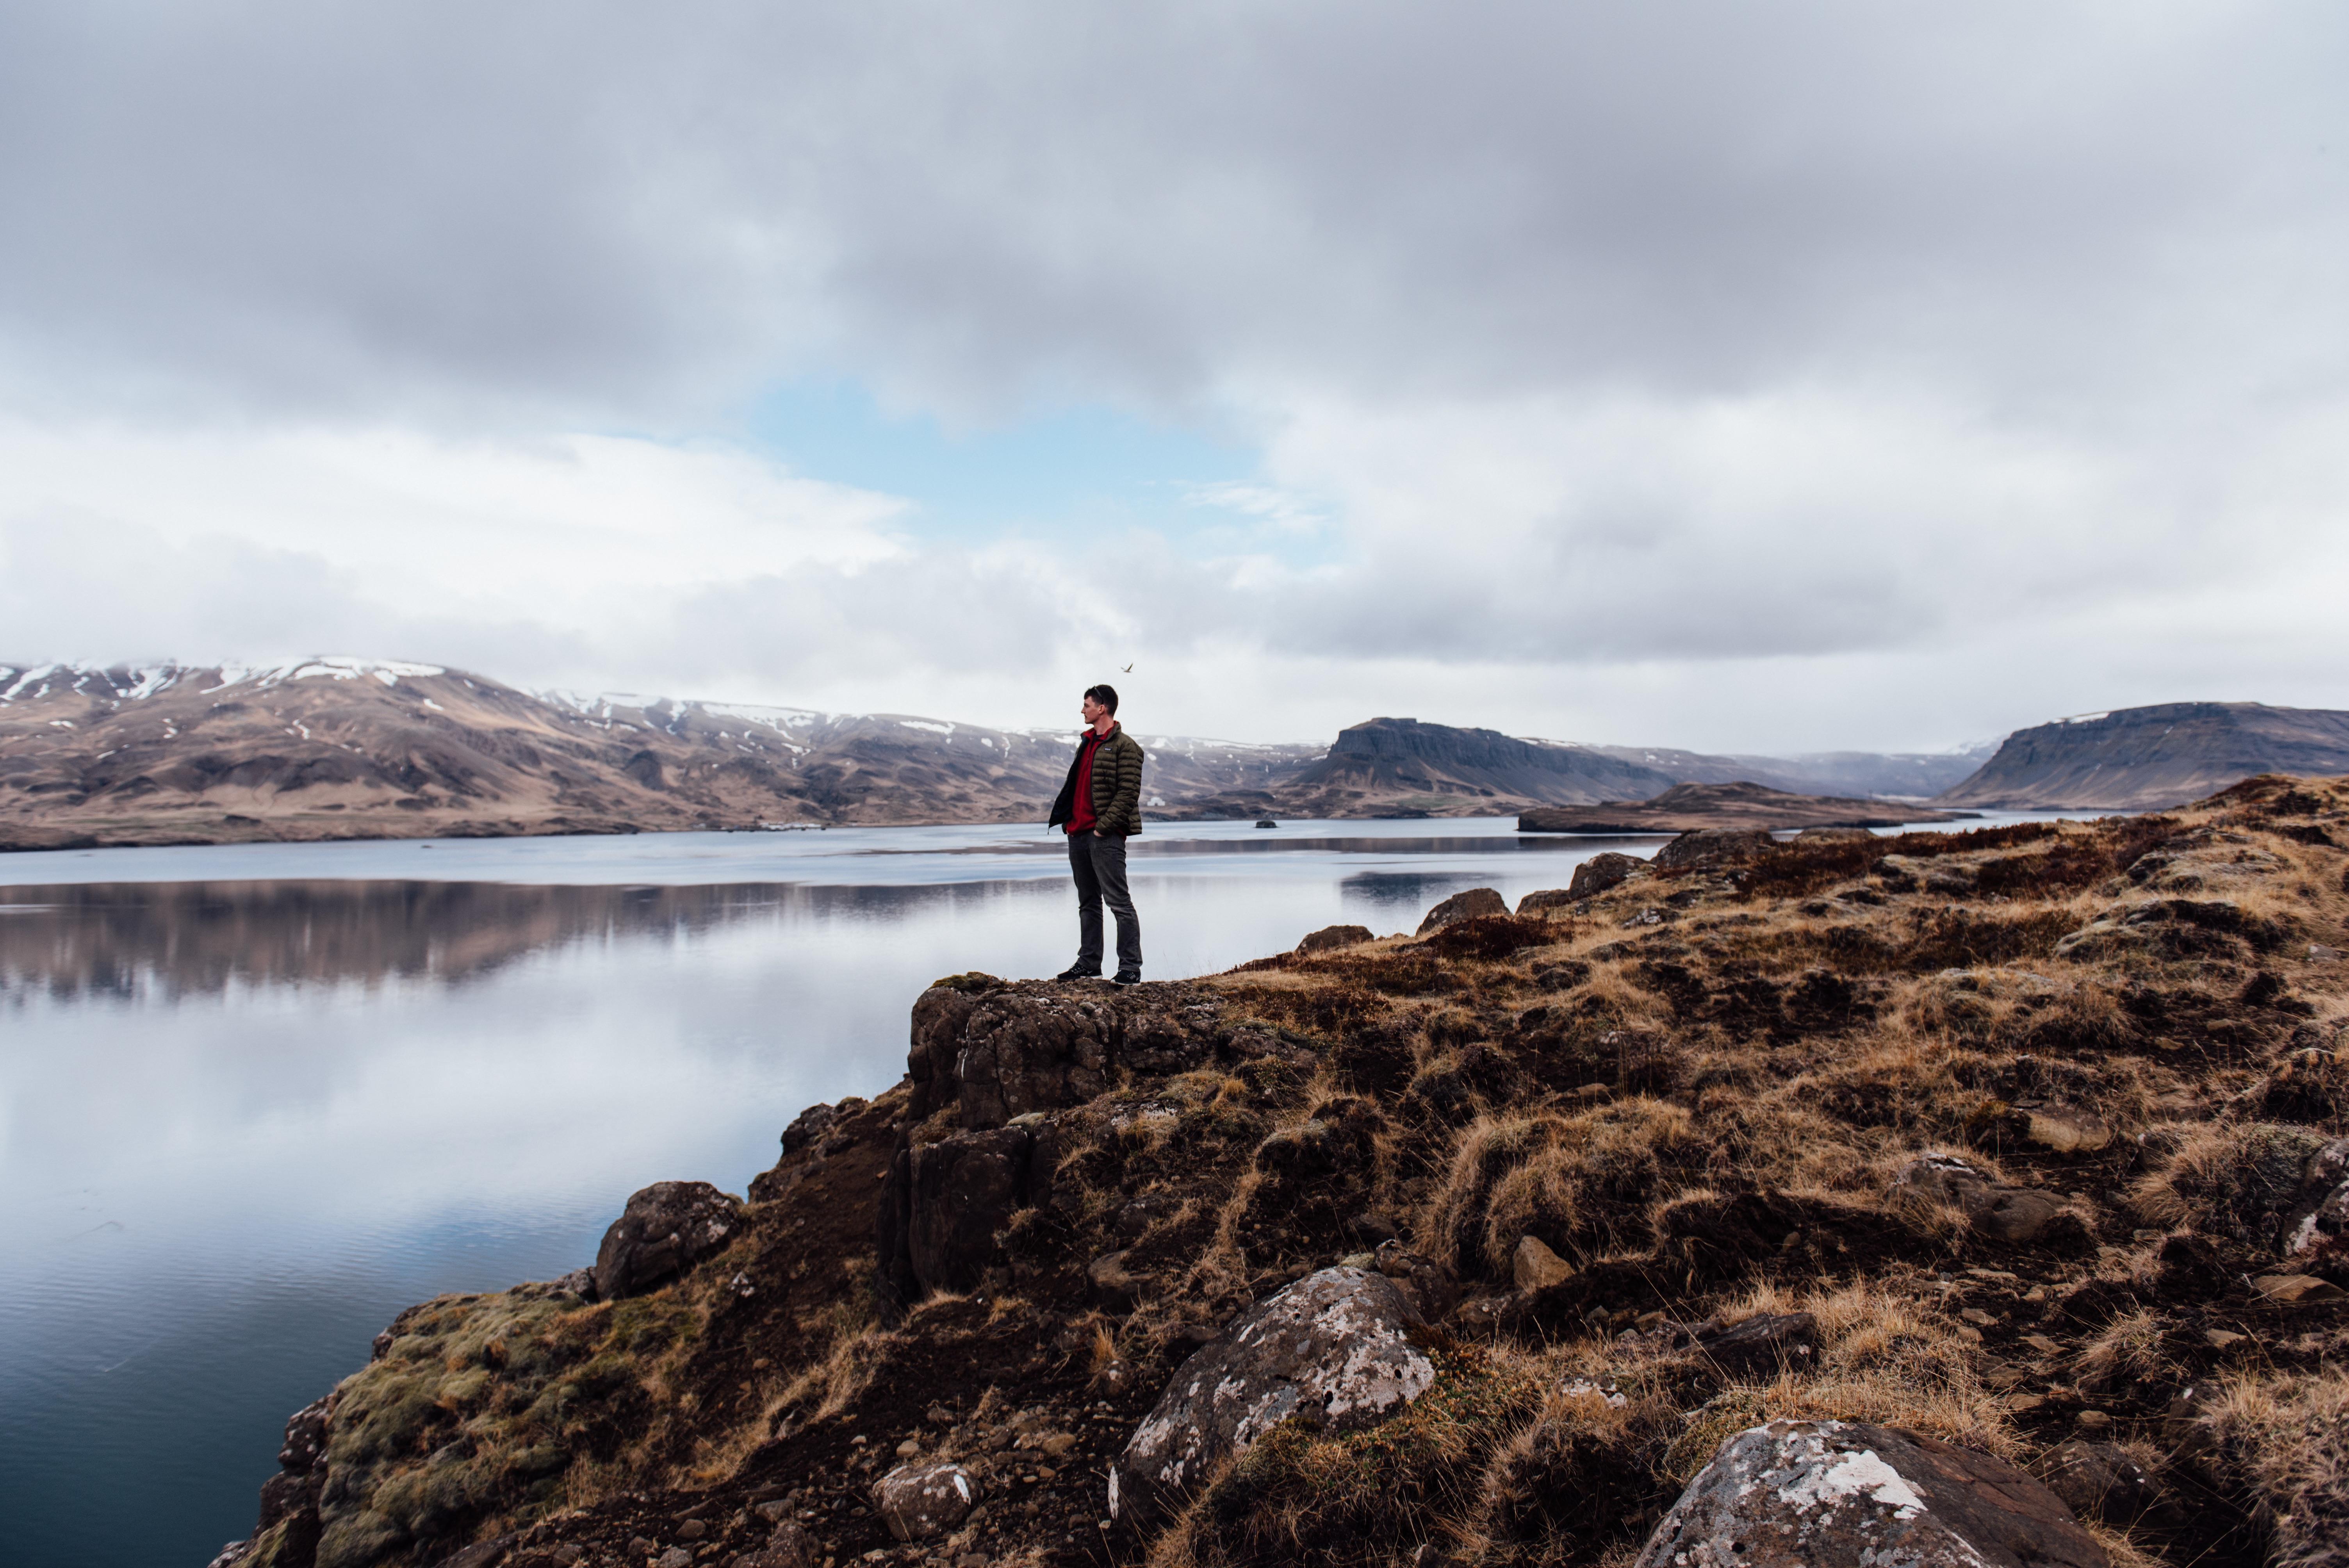 Пейзаж и человек картинка